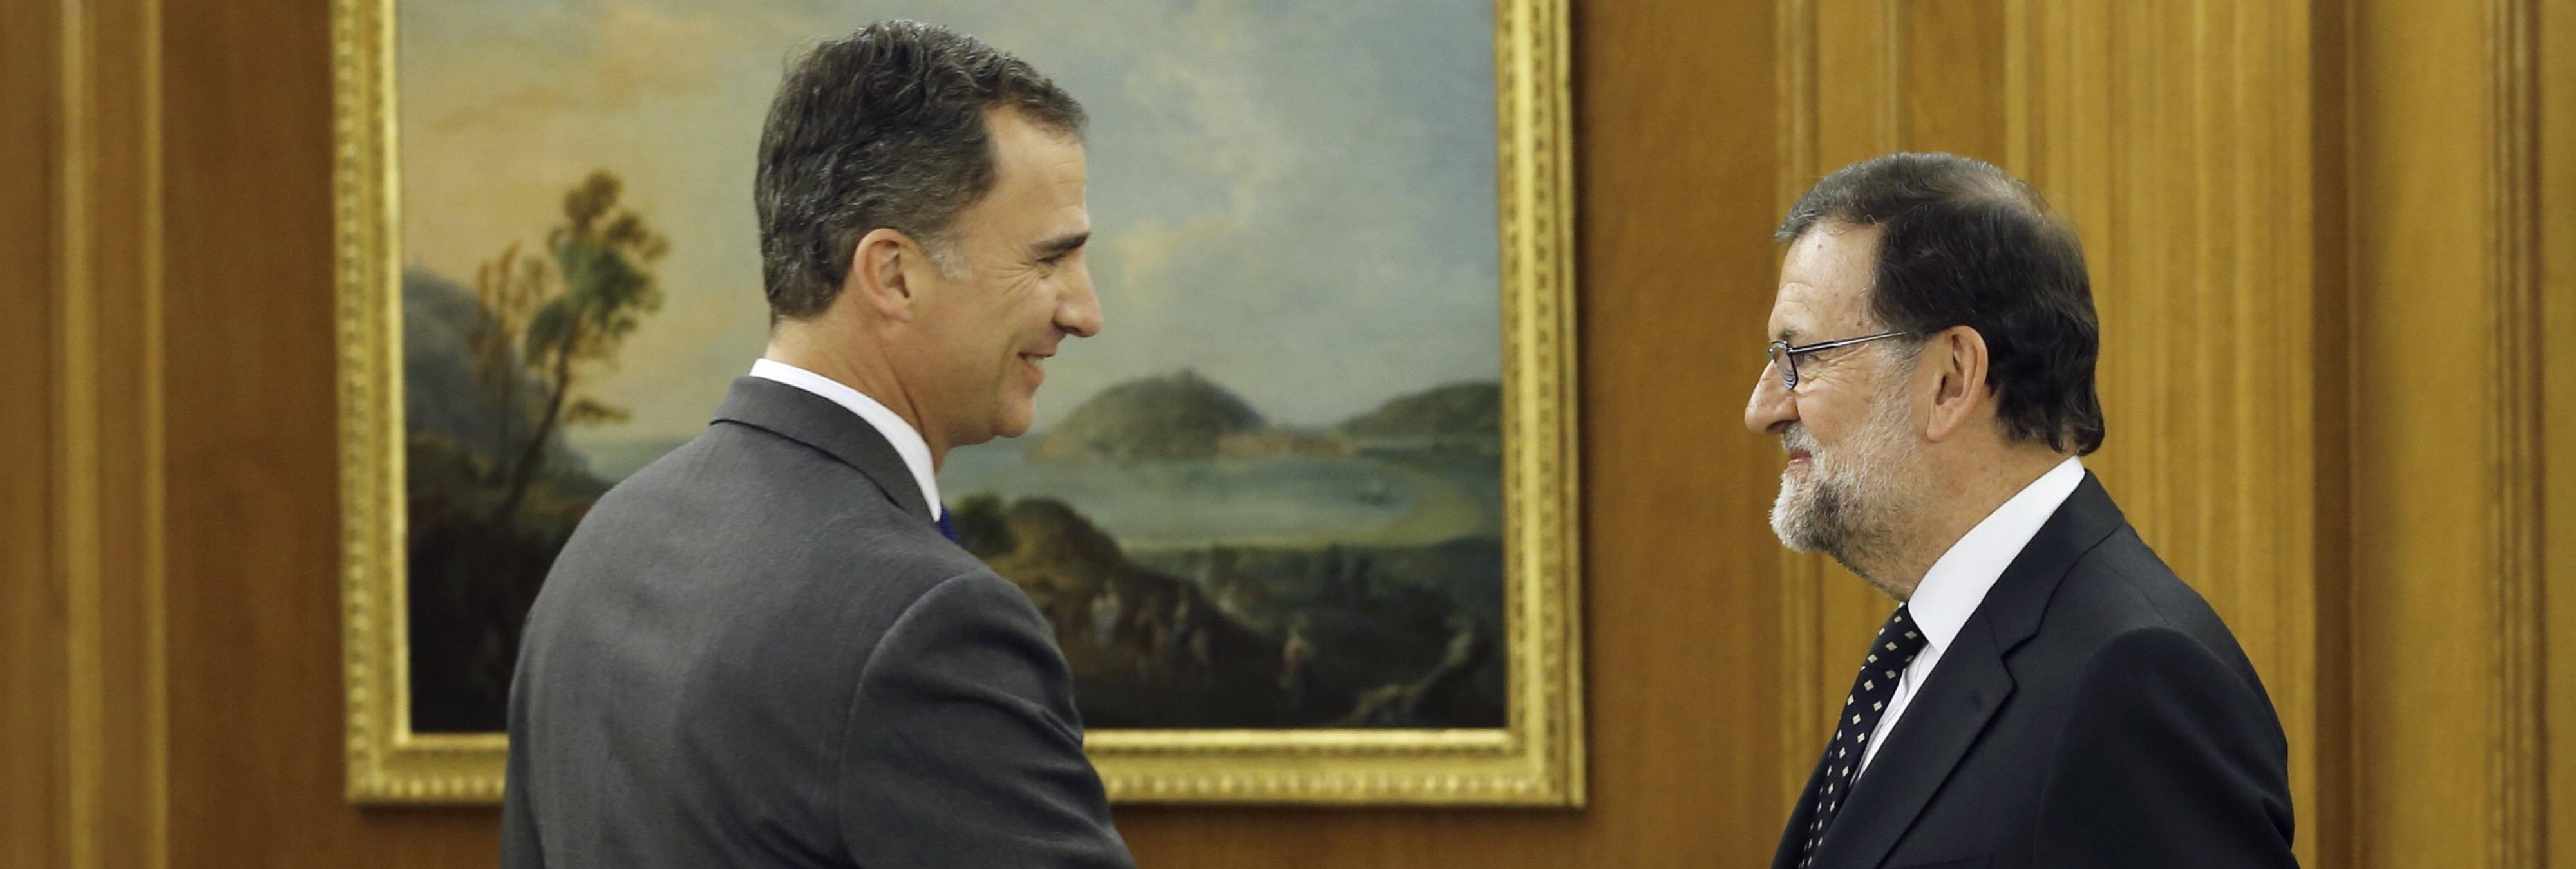 Culmina la segunda ronda de consultas con Rajoy: 'el Rey no me ha ofrecido formar Gobierno'